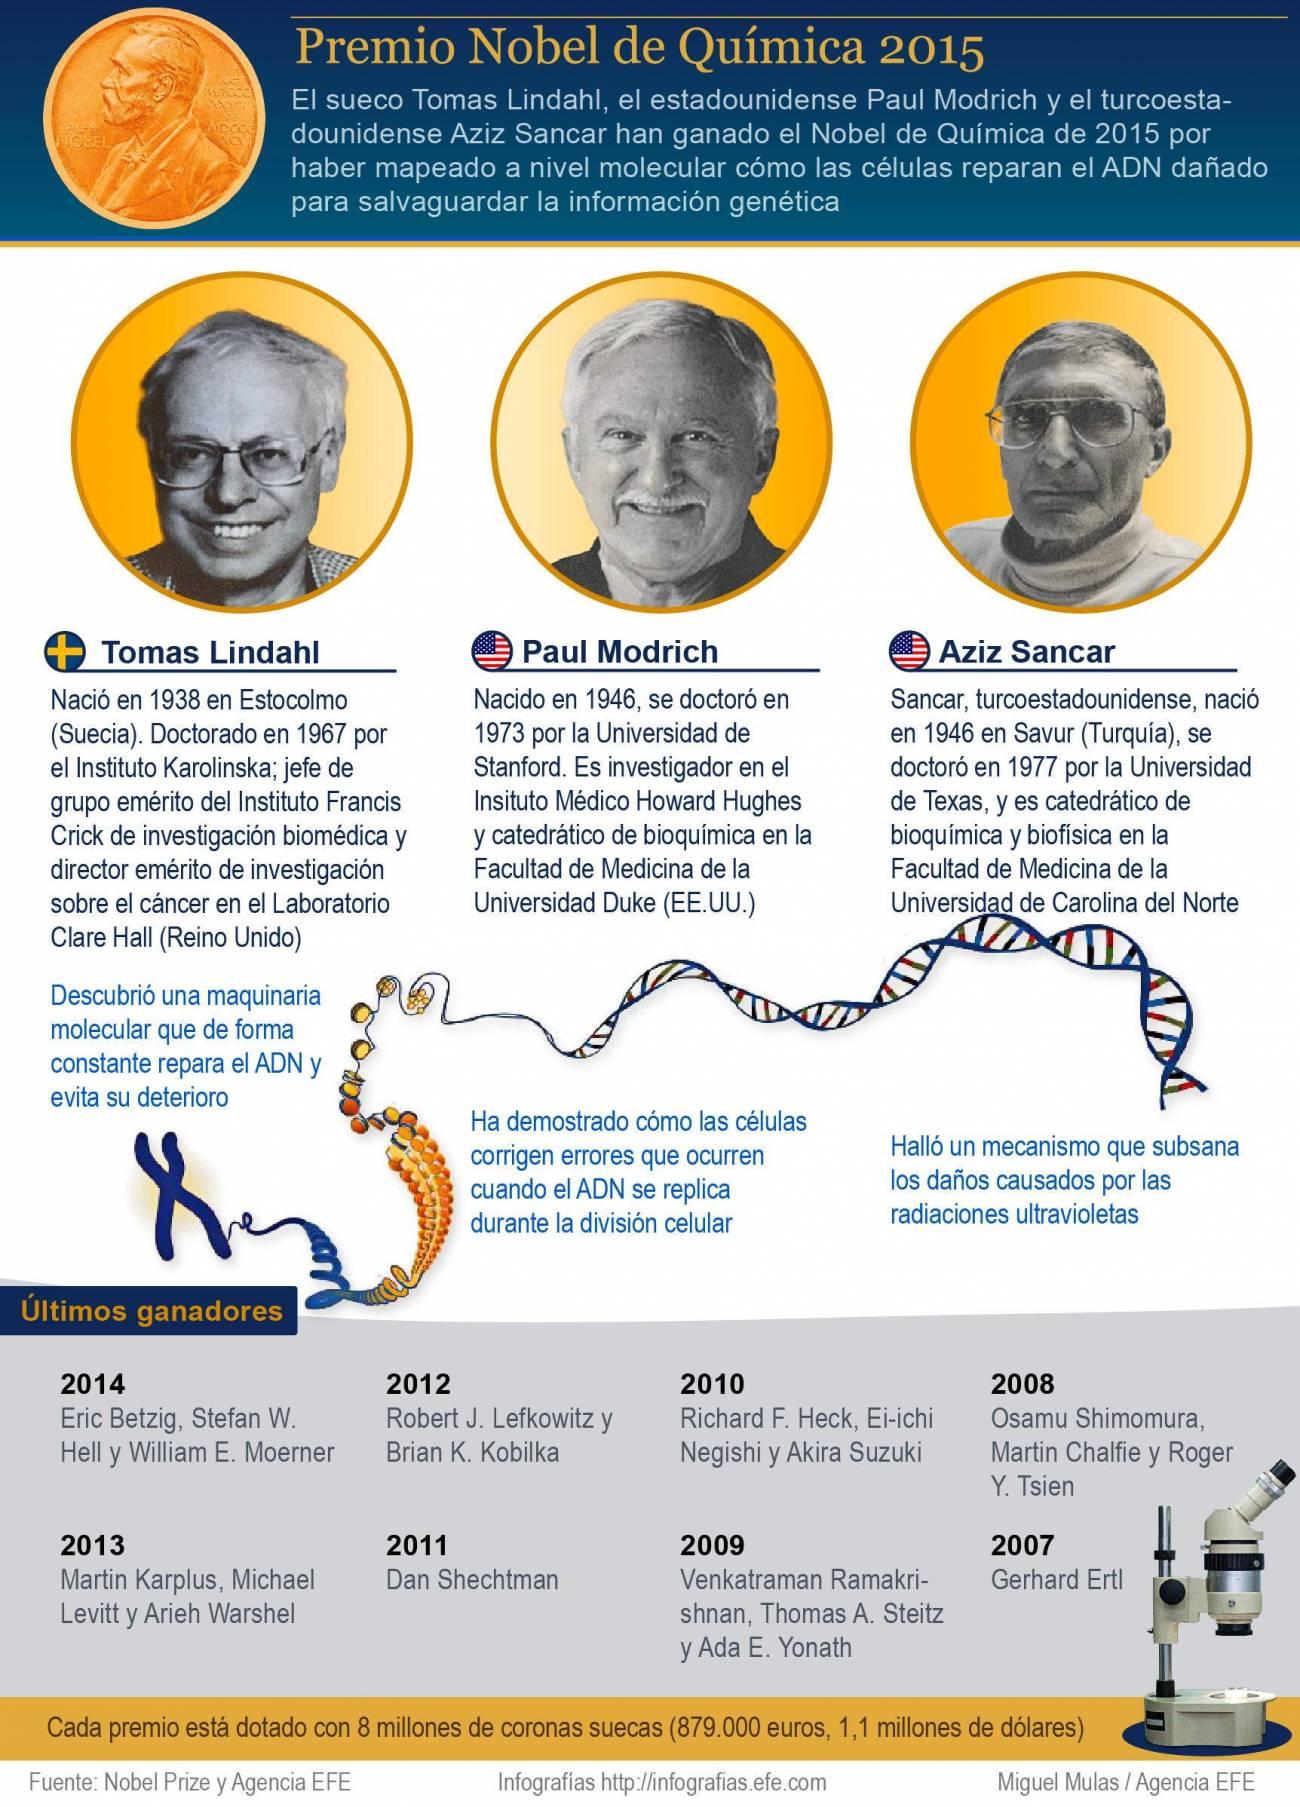 Infografía del trabajo de los ganadores del Premio Nobel de Química 2015. / Efe